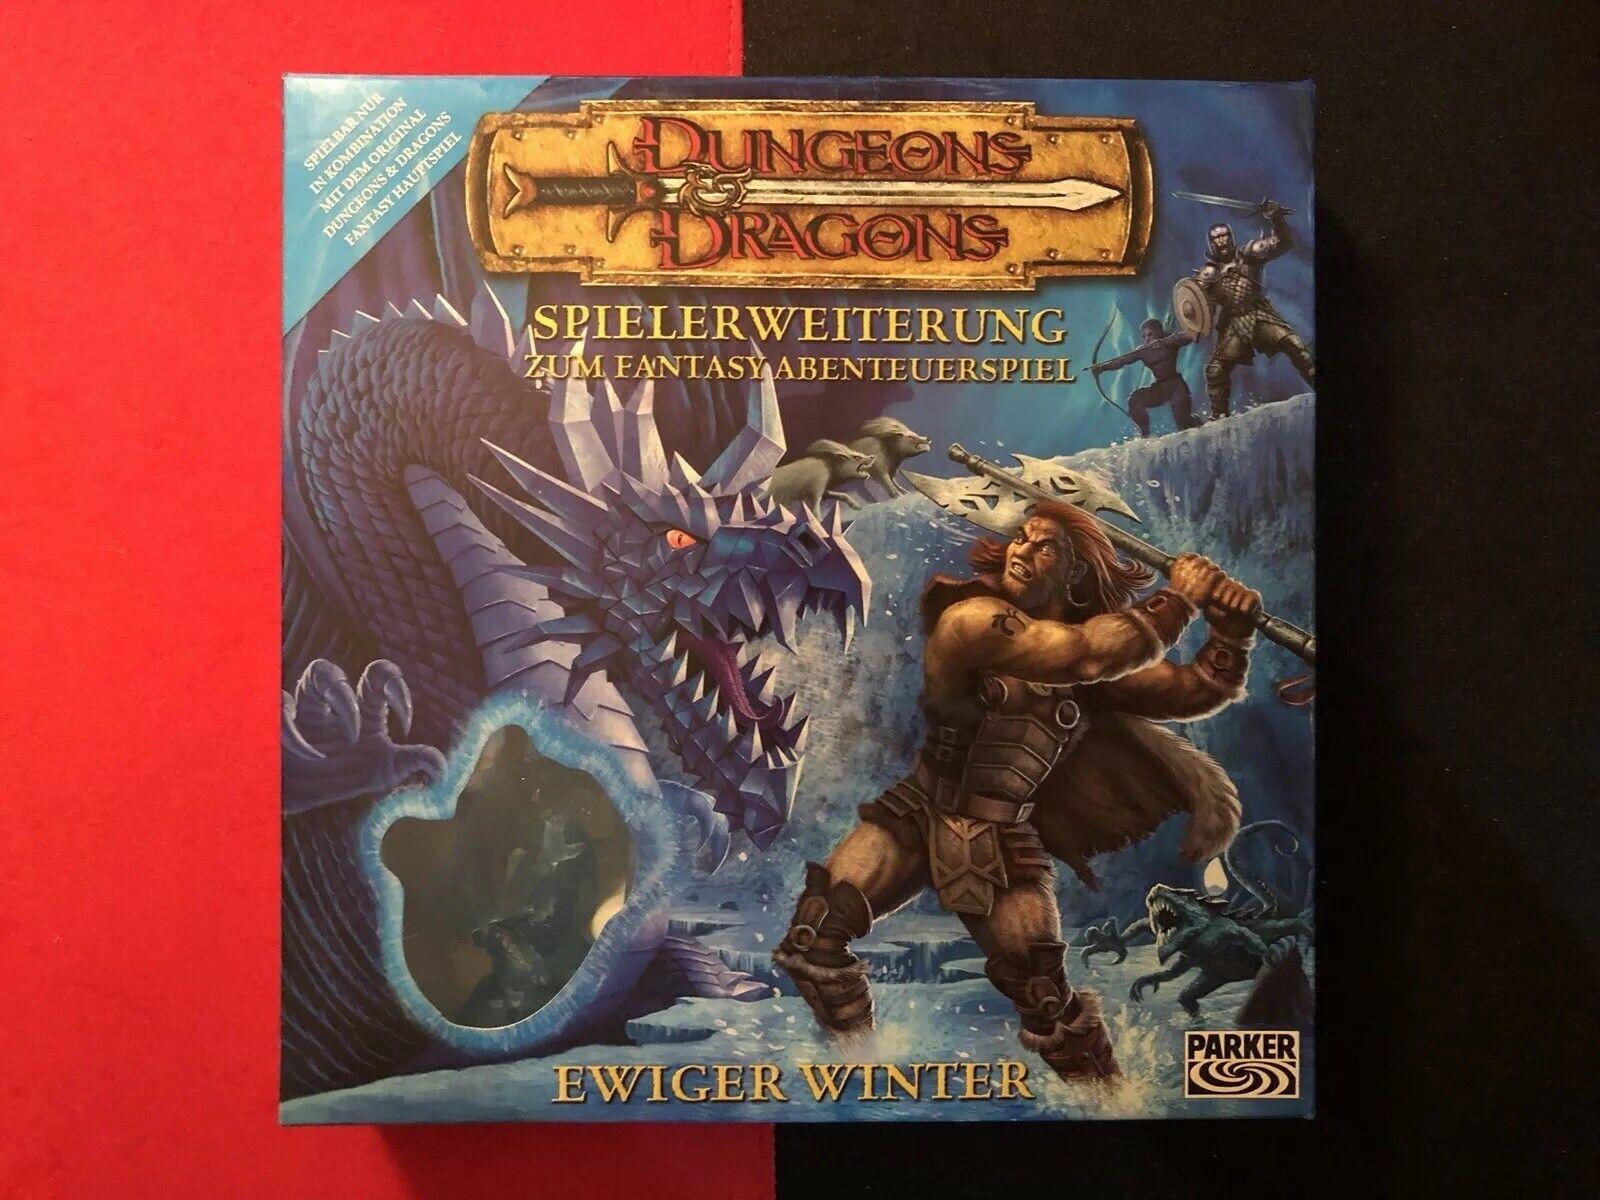 Quest Dungeons & Dragons Erweiterung Ewiger Winter Hero